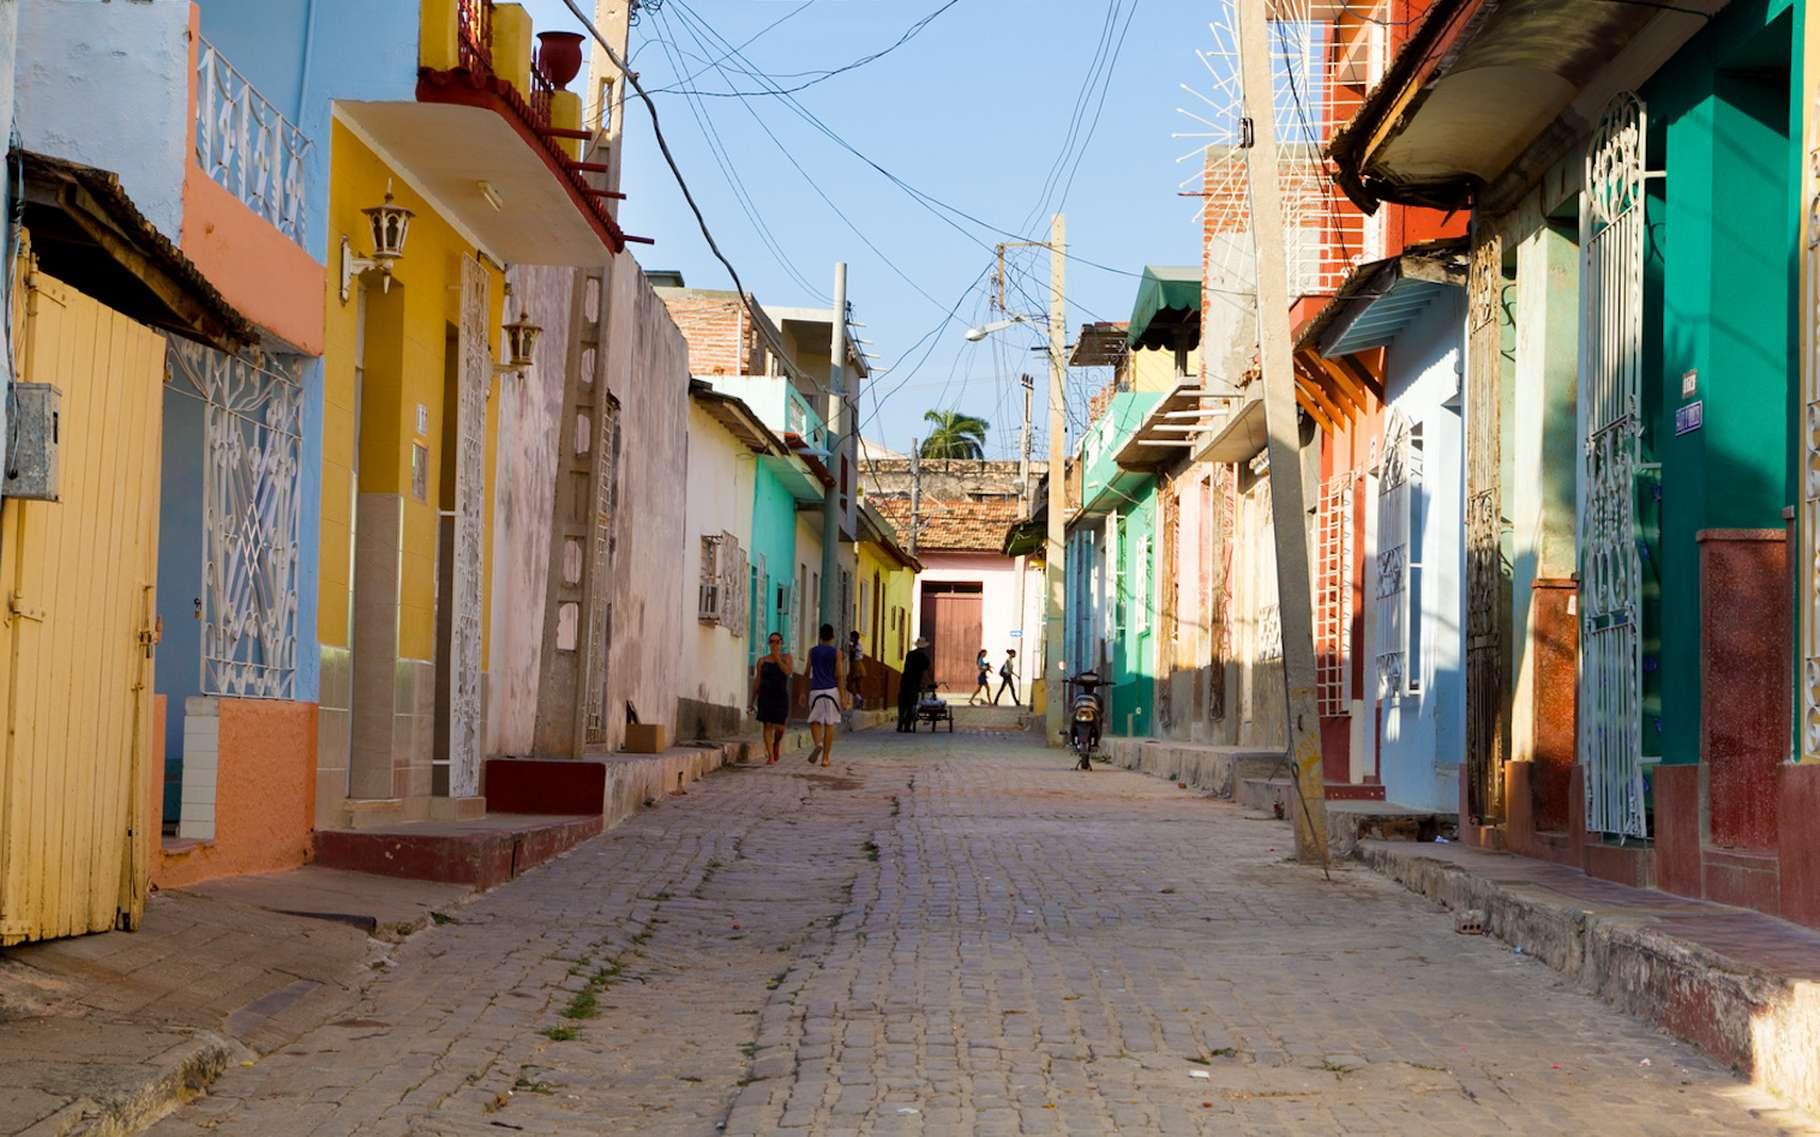 À Cuba, Antoine nous entraîne notamment dans les rues hautes en couleur de Trinidad, une localité de plus de 50.000 habitants inscrite au patrimoine mondial de l'humanité de l'Unesco. © AntonPh, Fotolia